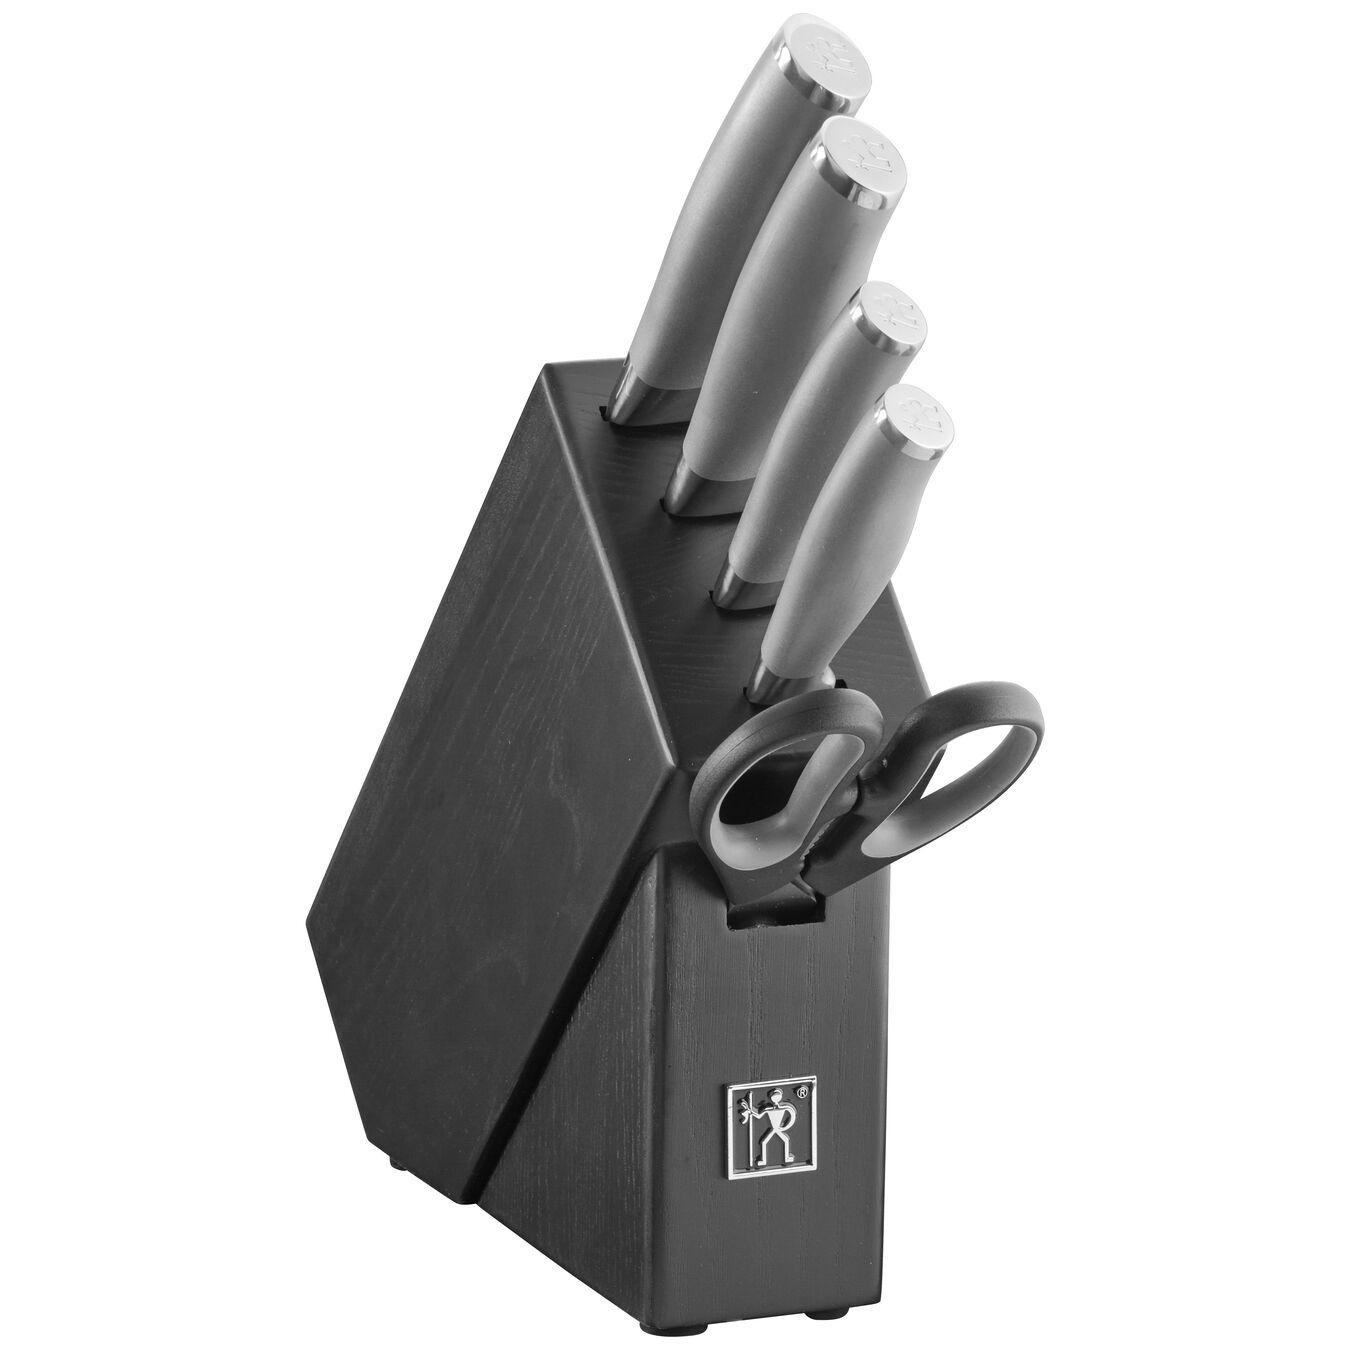 6-pc Studio Knife Block Set,,large 2